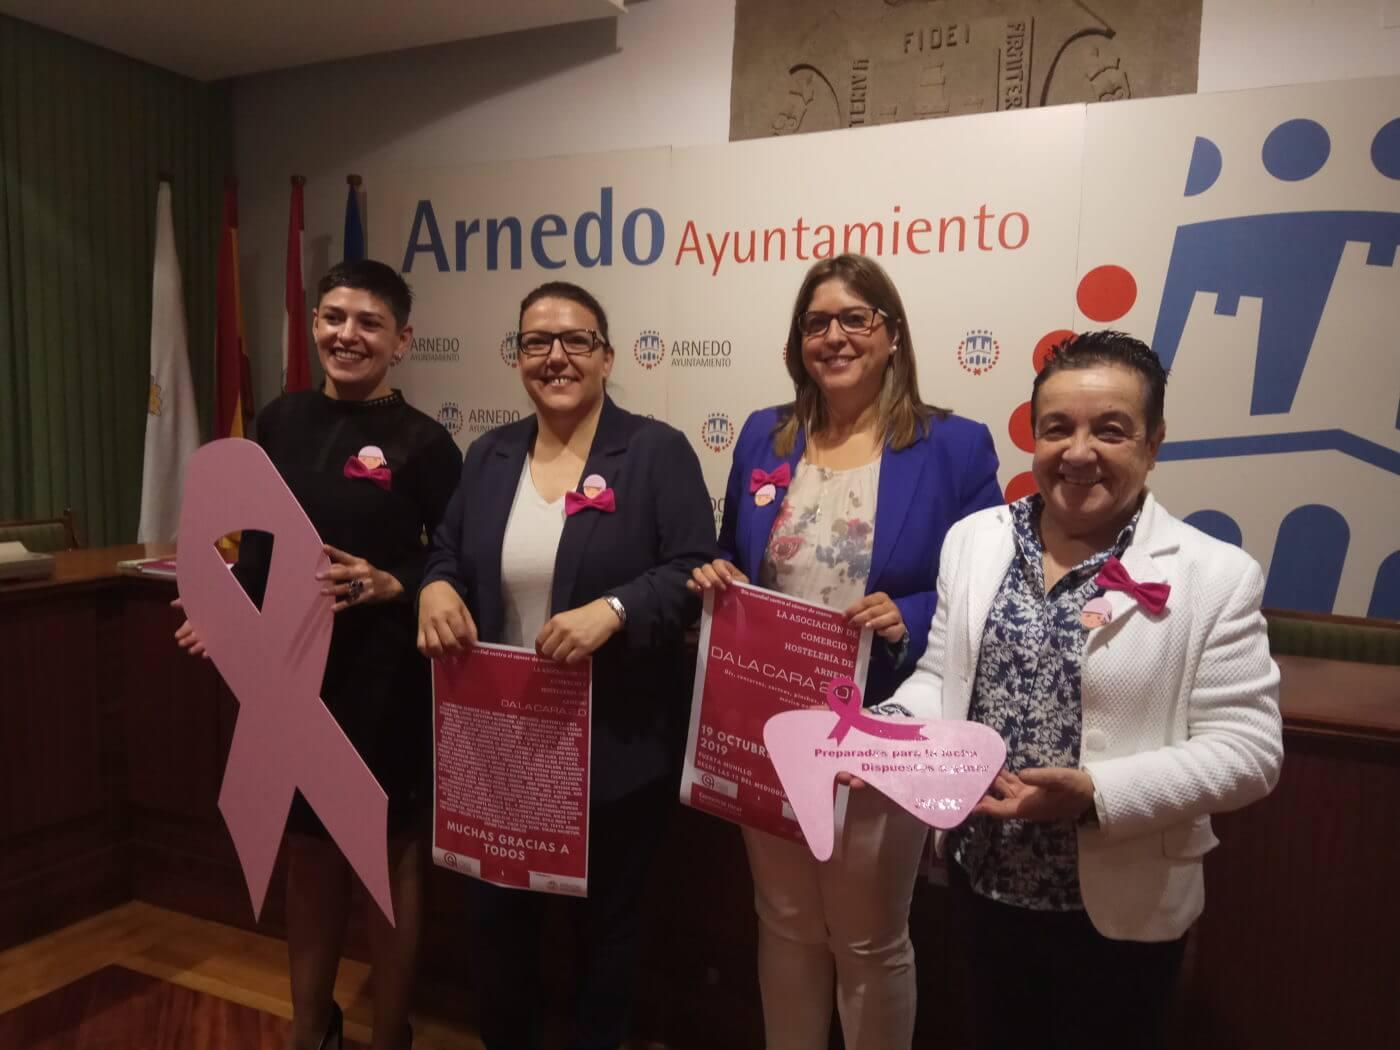 La AECC y la Asociación de Comercio y Hostelería volverán a 'dar la cara' contra el cáncer el día 19